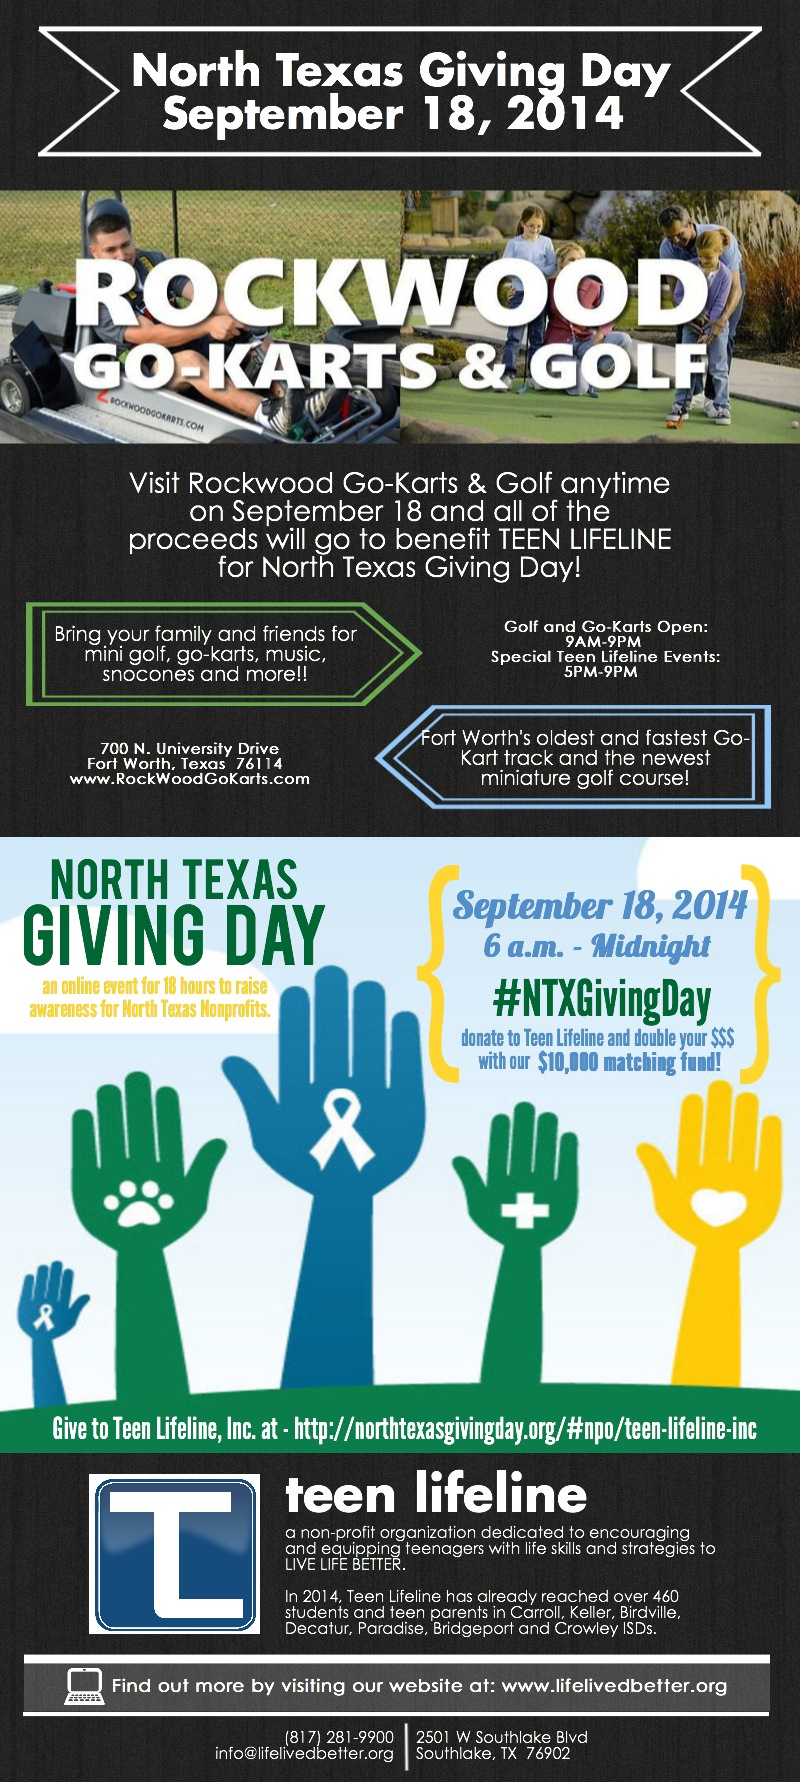 #NTXGivingDay